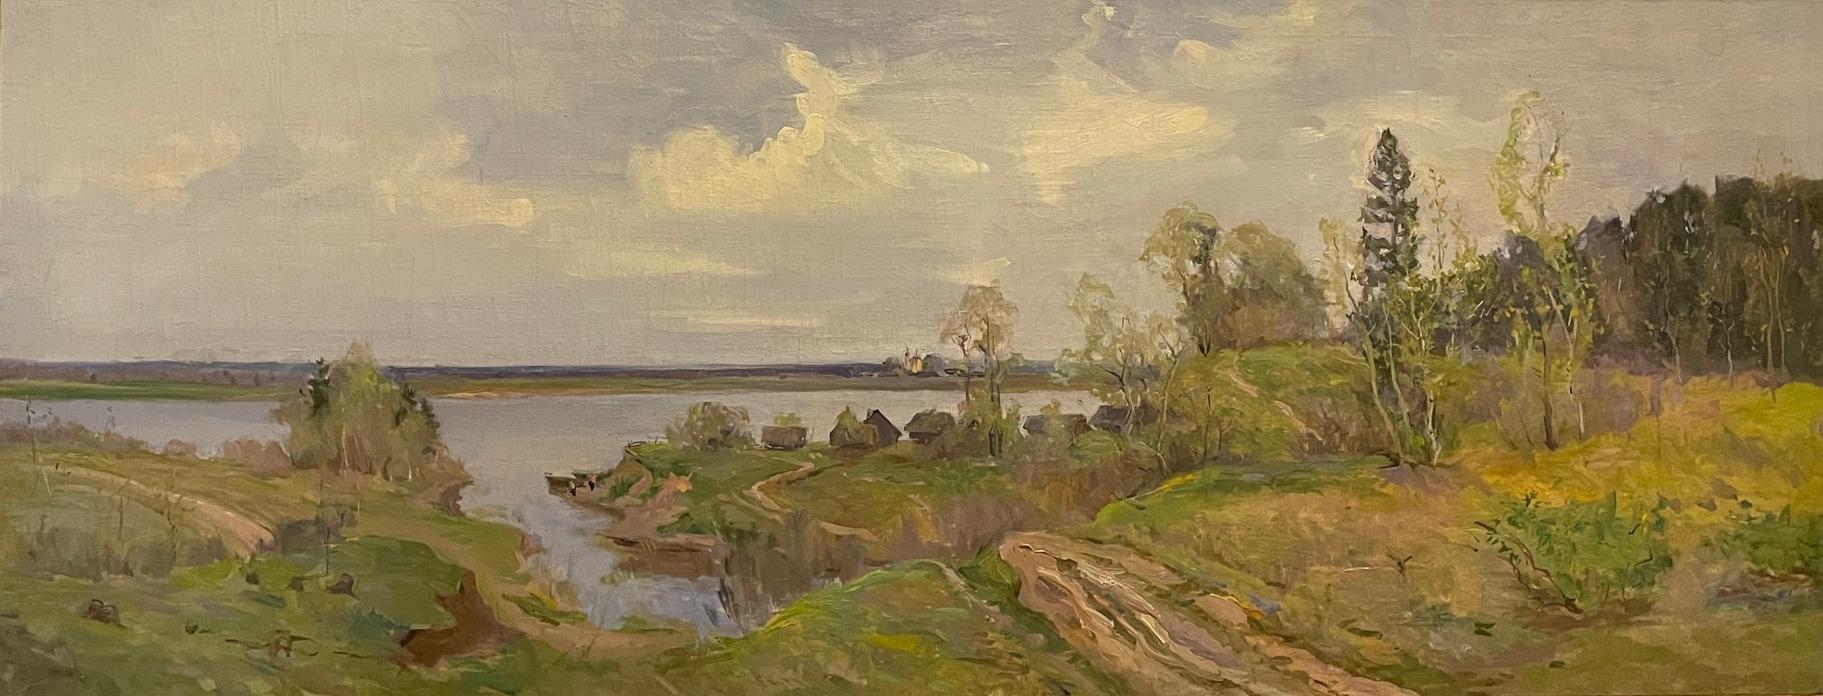 Нефедова Лидия Станиславовна. Весна.